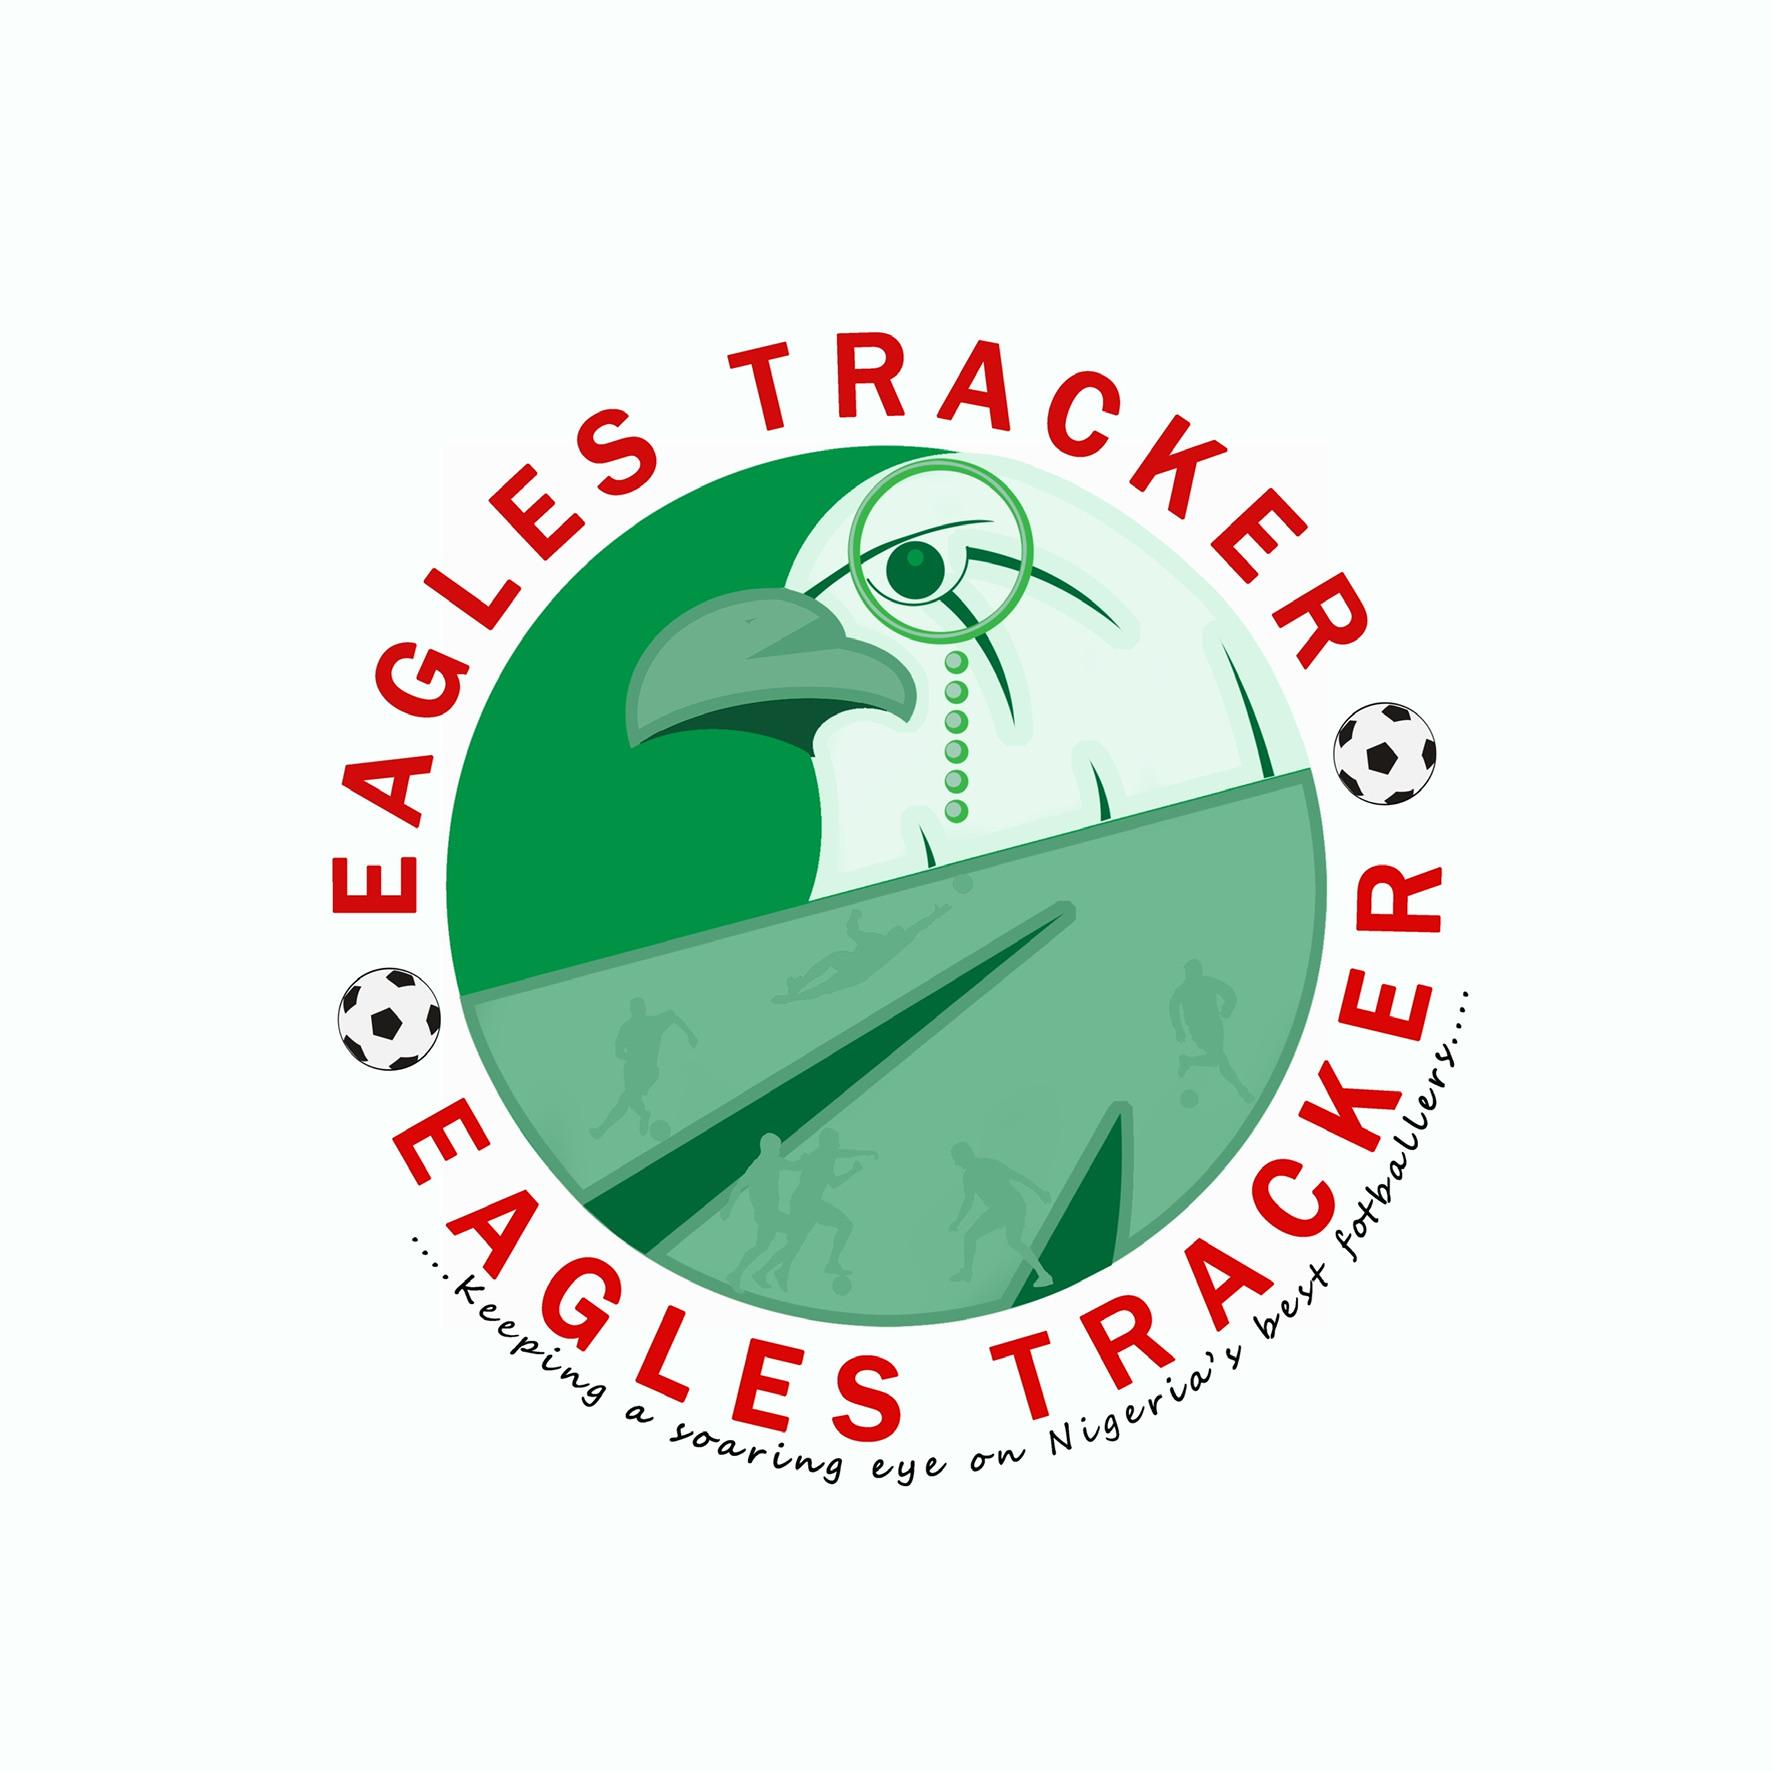 EaglesTracker